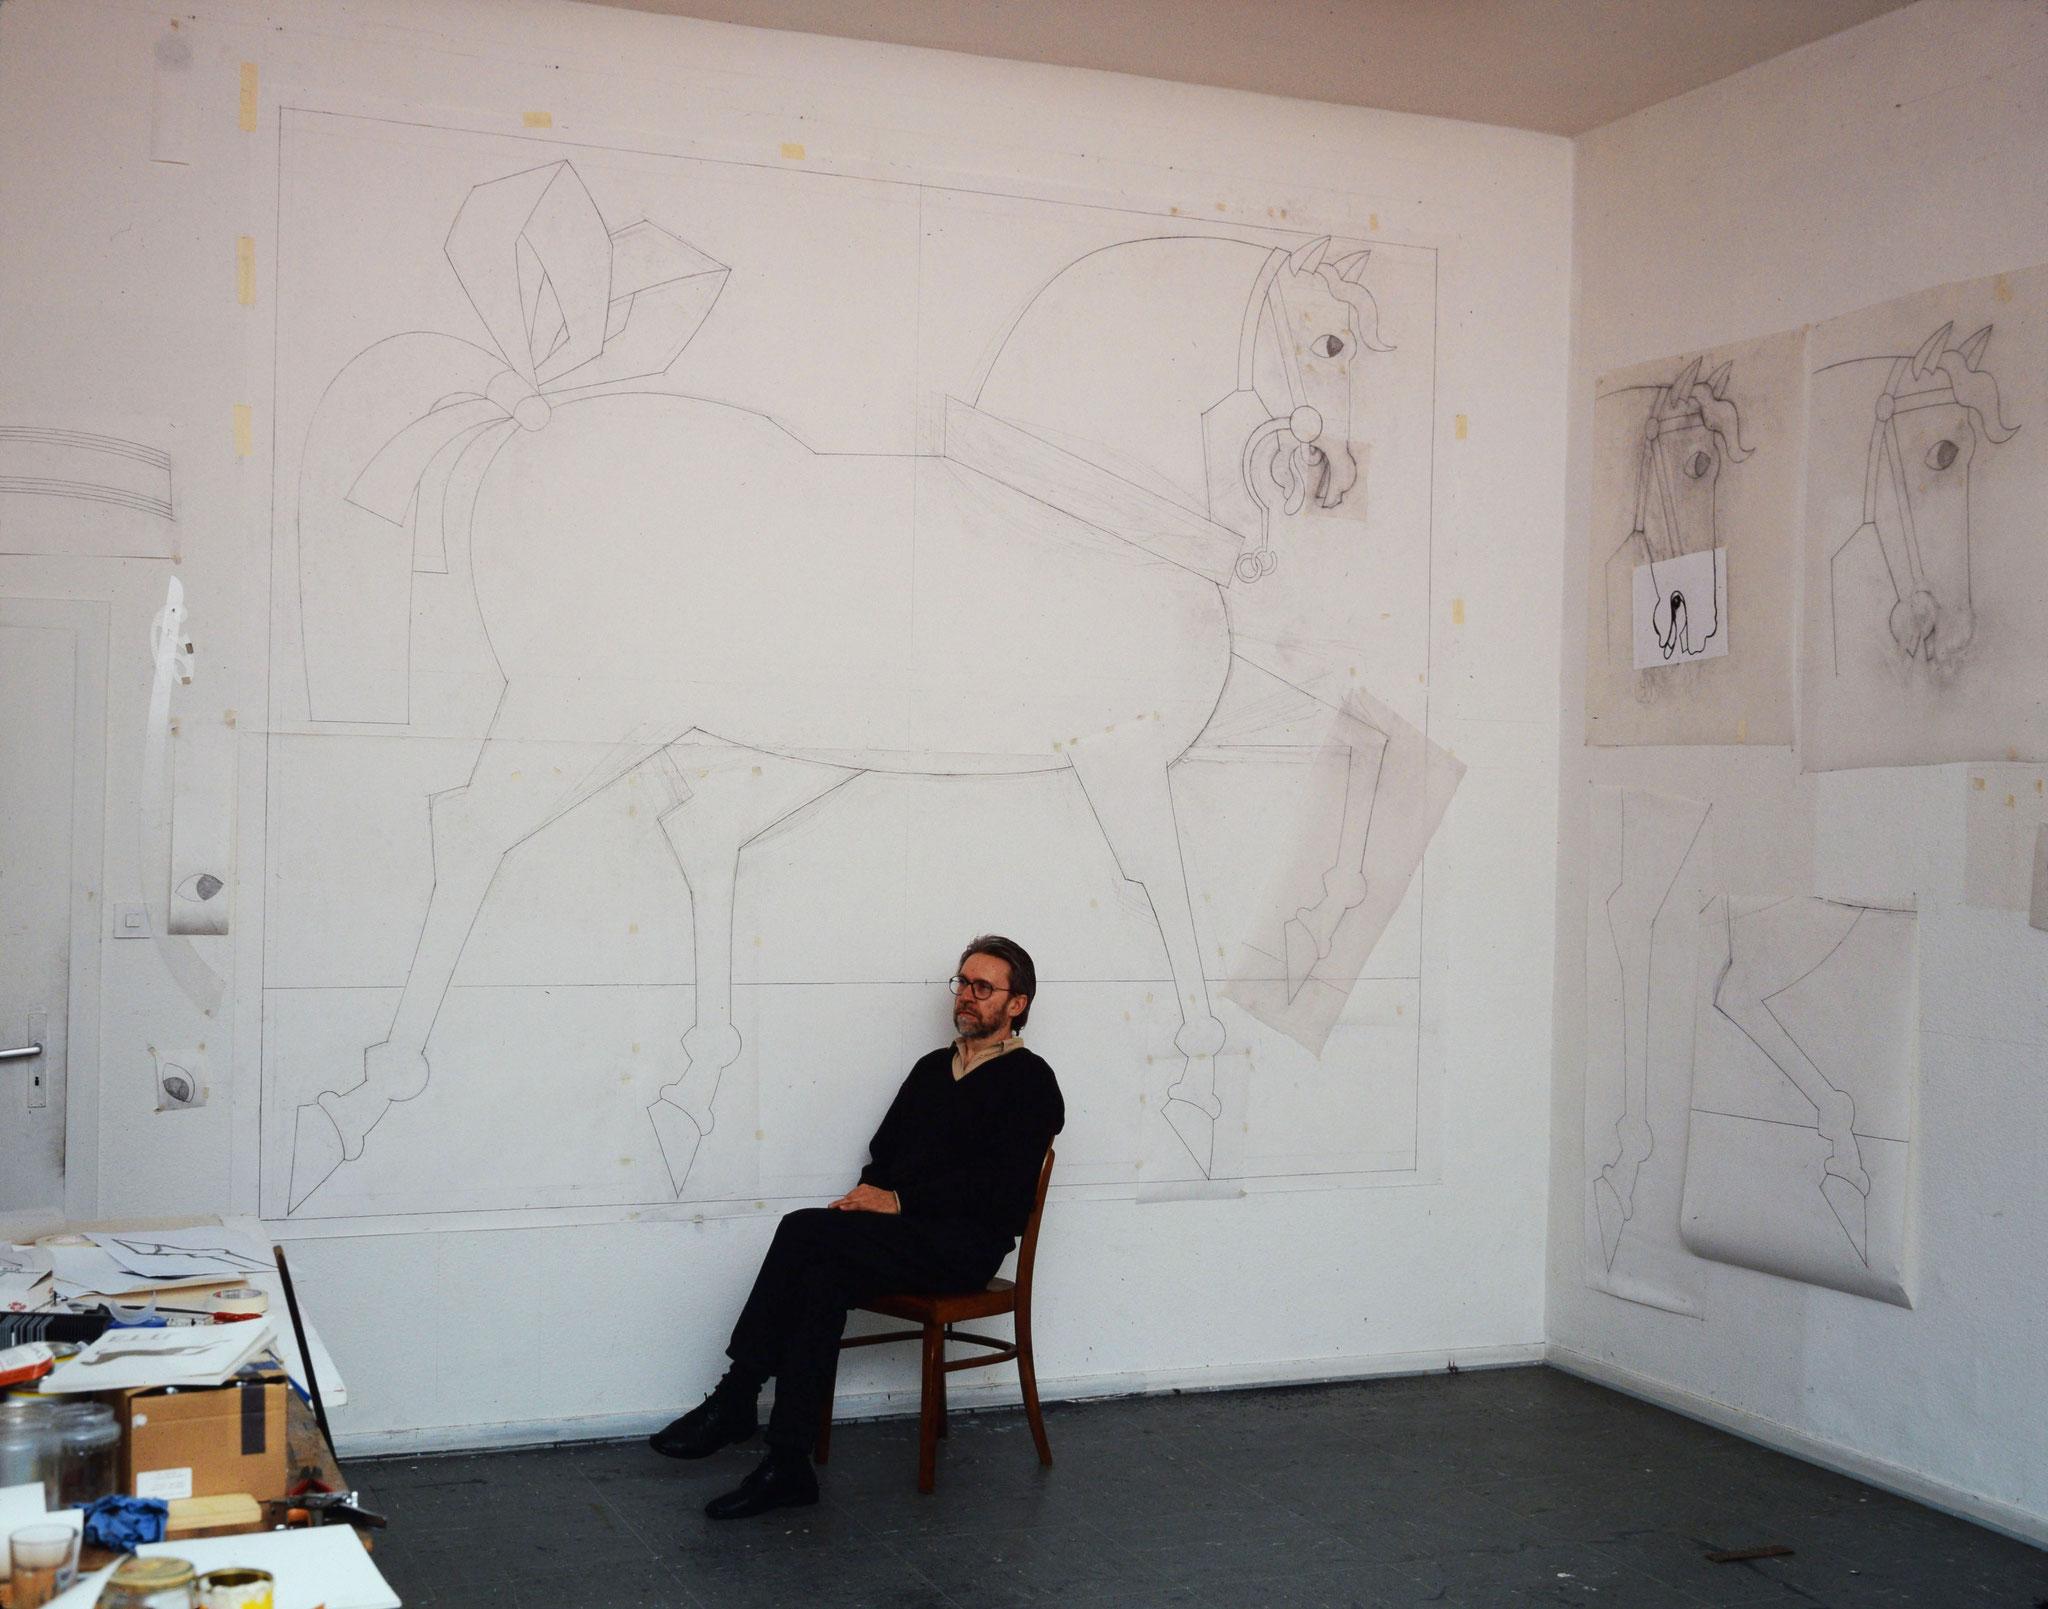 Georg Ettl dans son atelier, devant des études 1/1 pour les Chevaux d'Oiron, 1992 - Foto Hadler/Stuhr